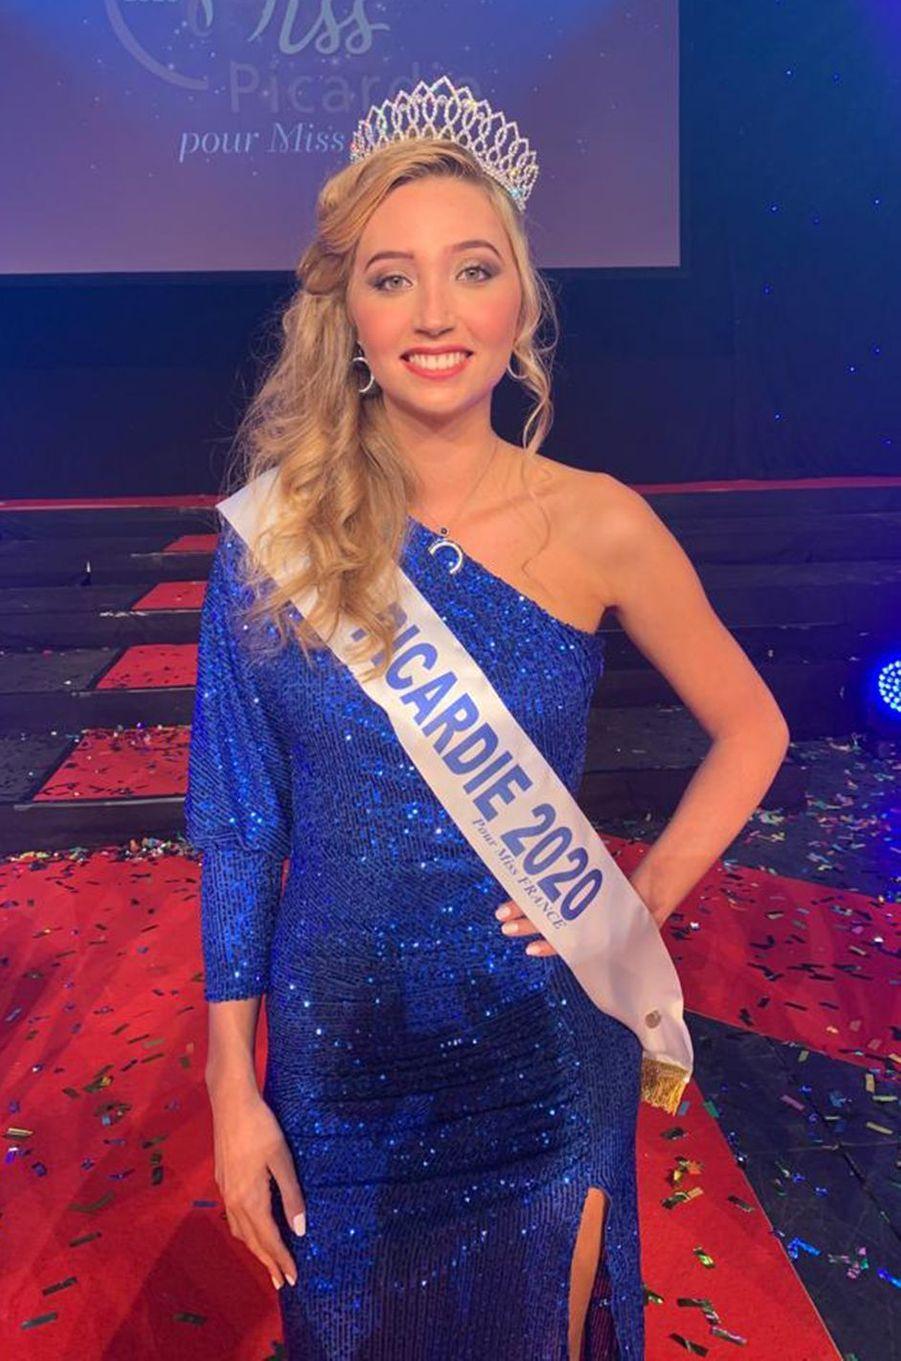 Miss Picardie, Tara de Mets, 21 ans